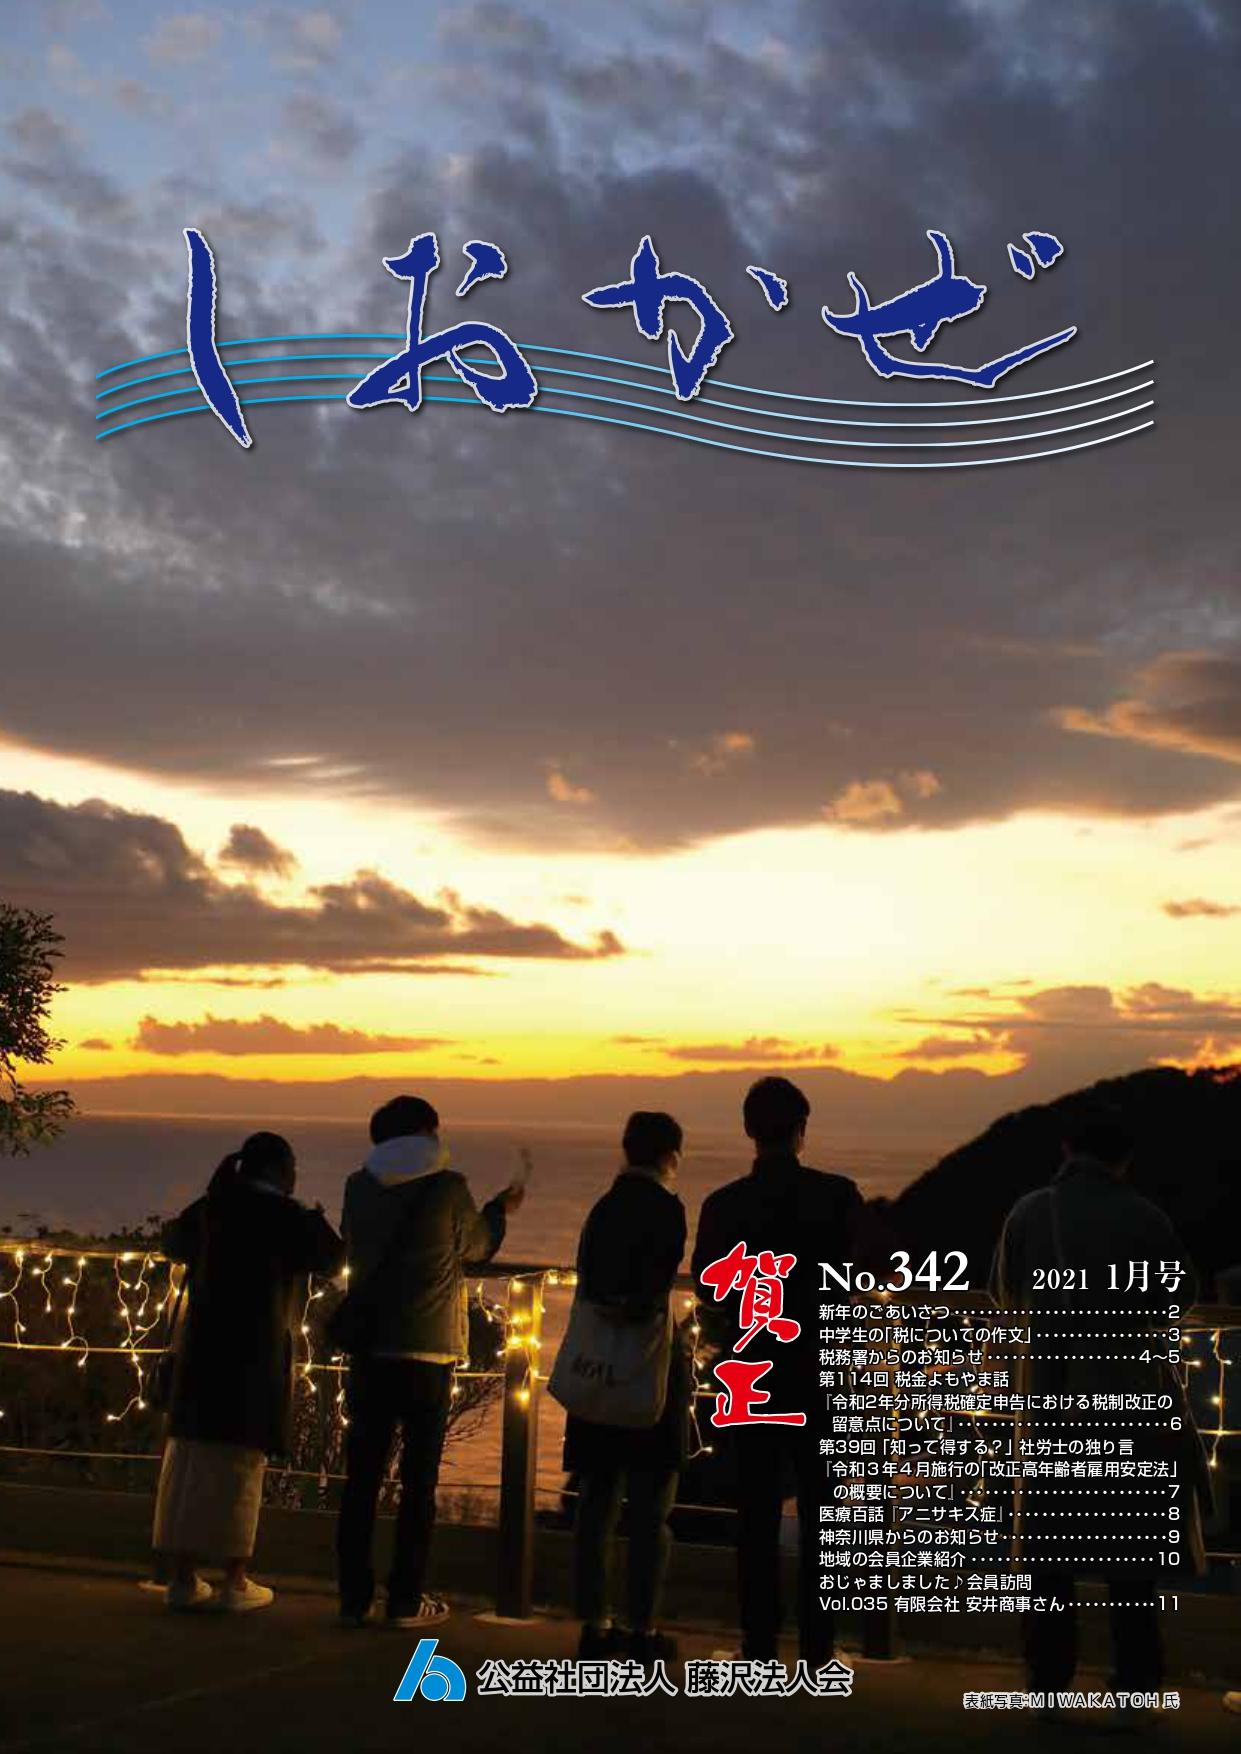 広報誌「しおかぜ」No,342(2021年1月号)